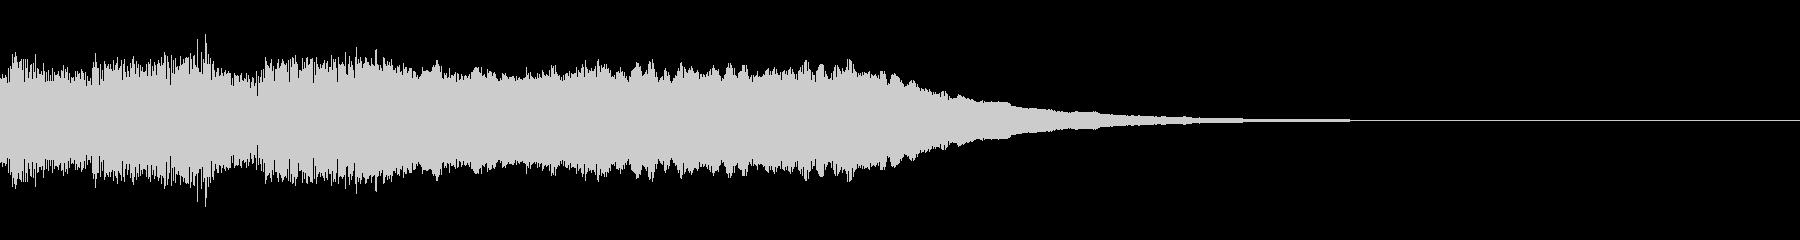 シンセサイザーによるクリア・達成音の未再生の波形